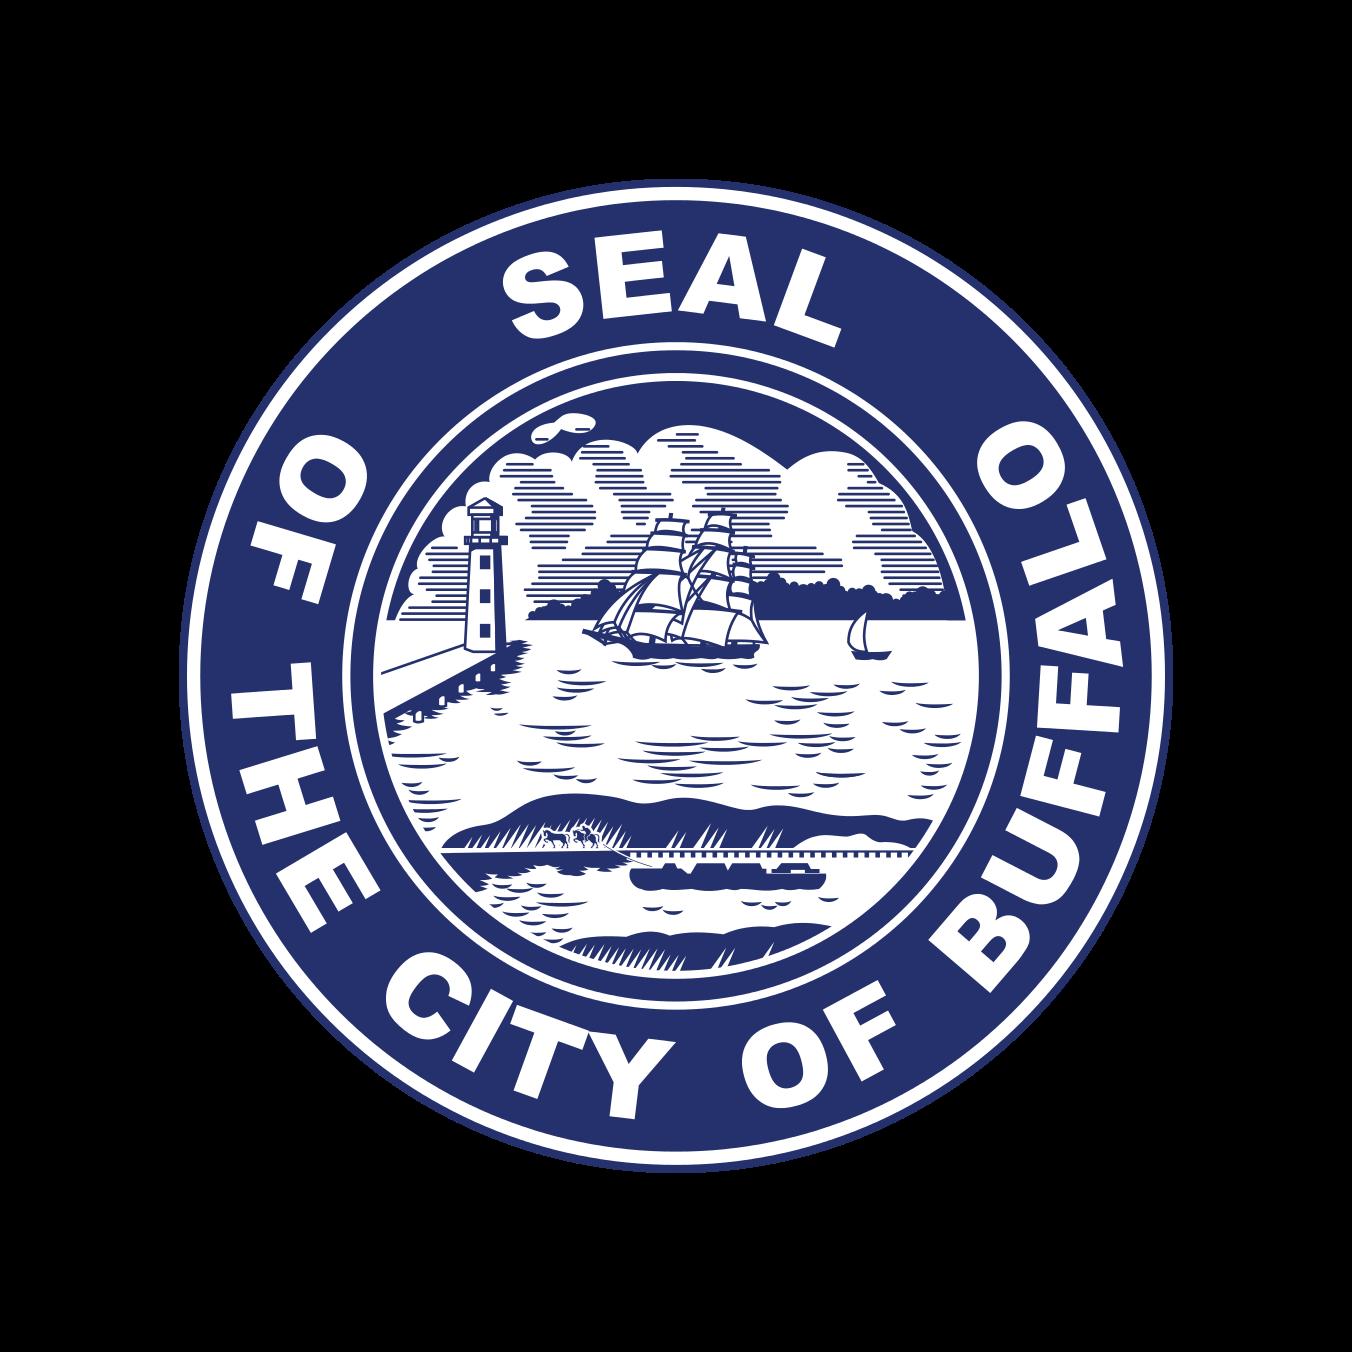 Seal of Buffalo City_NY